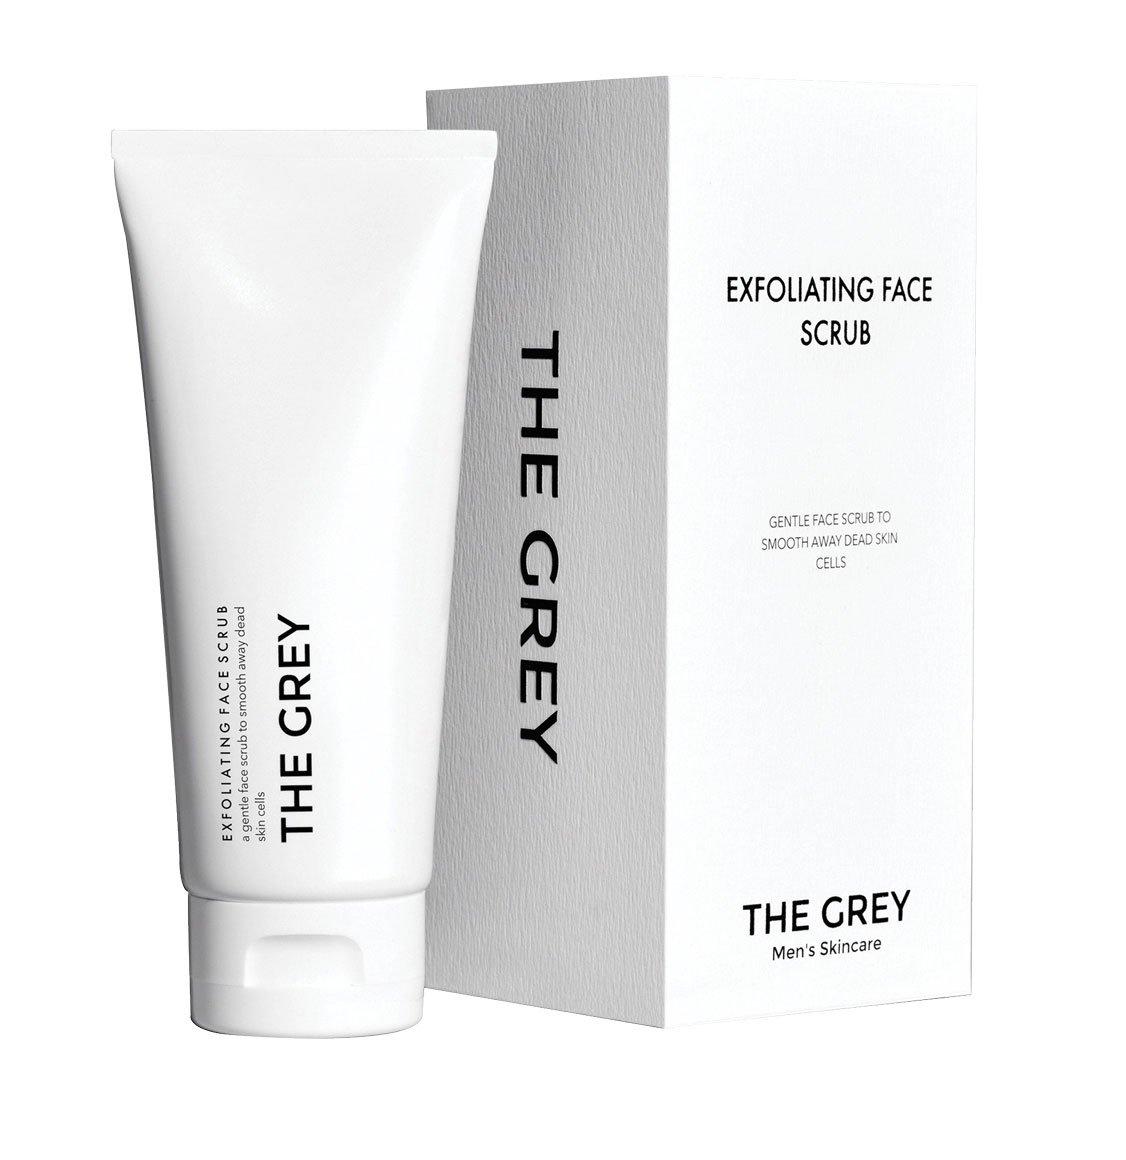 The Grey Exfoliating Face Scrub 100ml